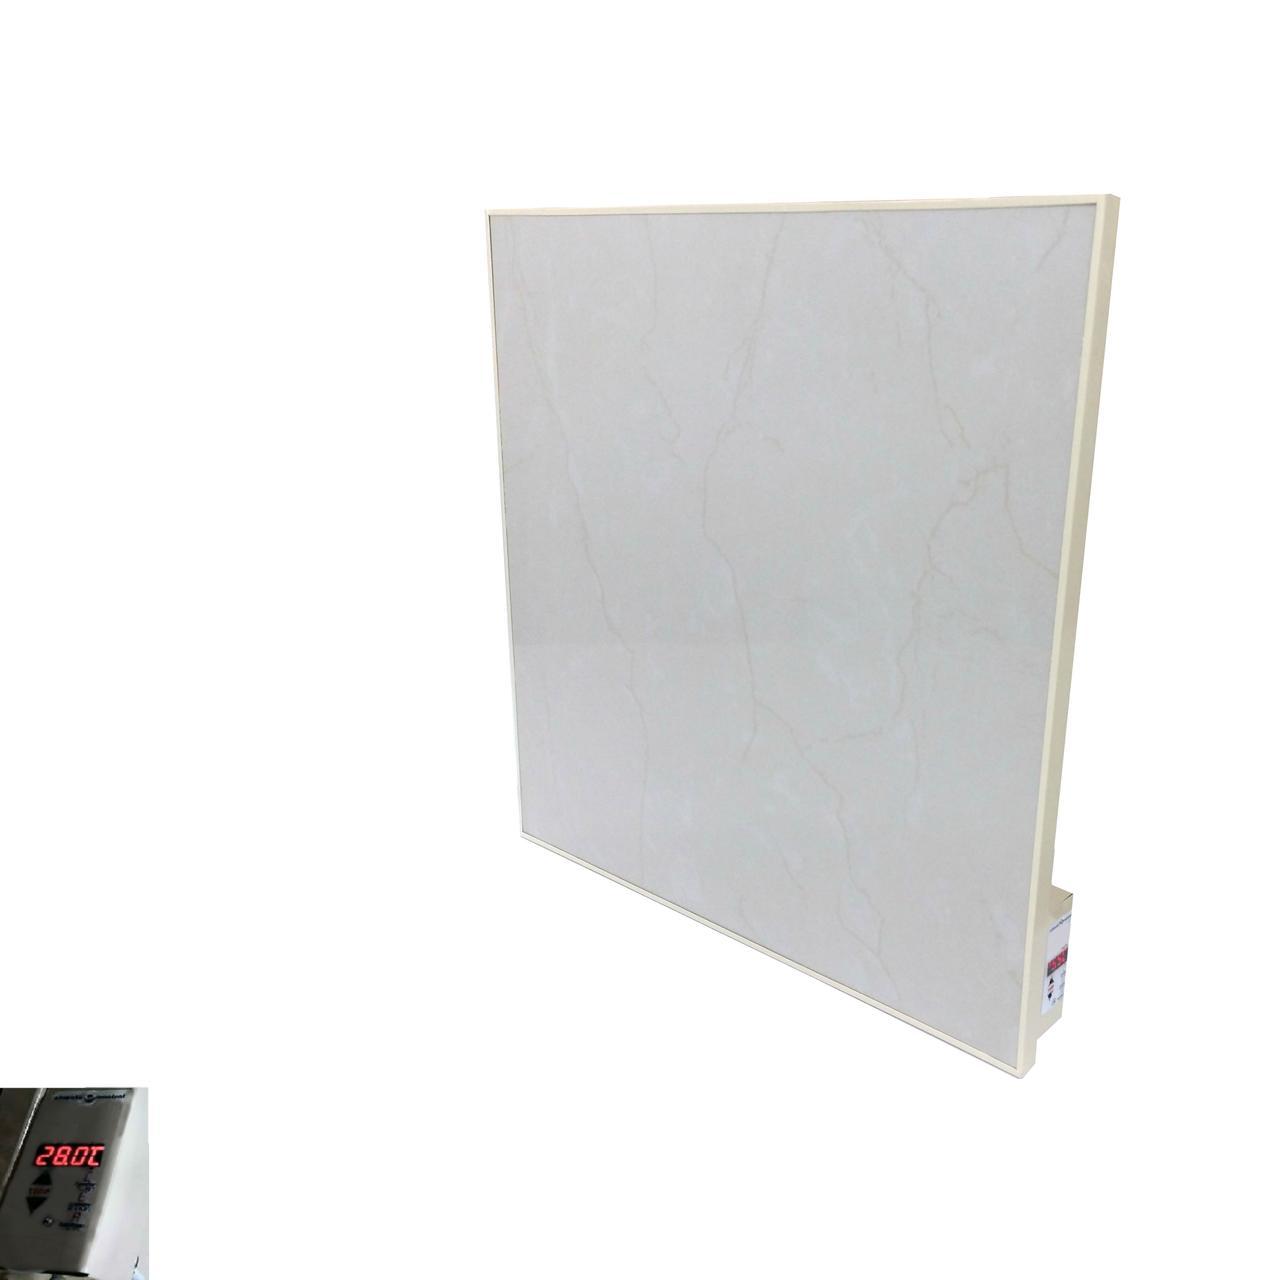 УКРОП КЕРАМИК 700ВТ умный керамический обогреватель с цифровым терморегулятором